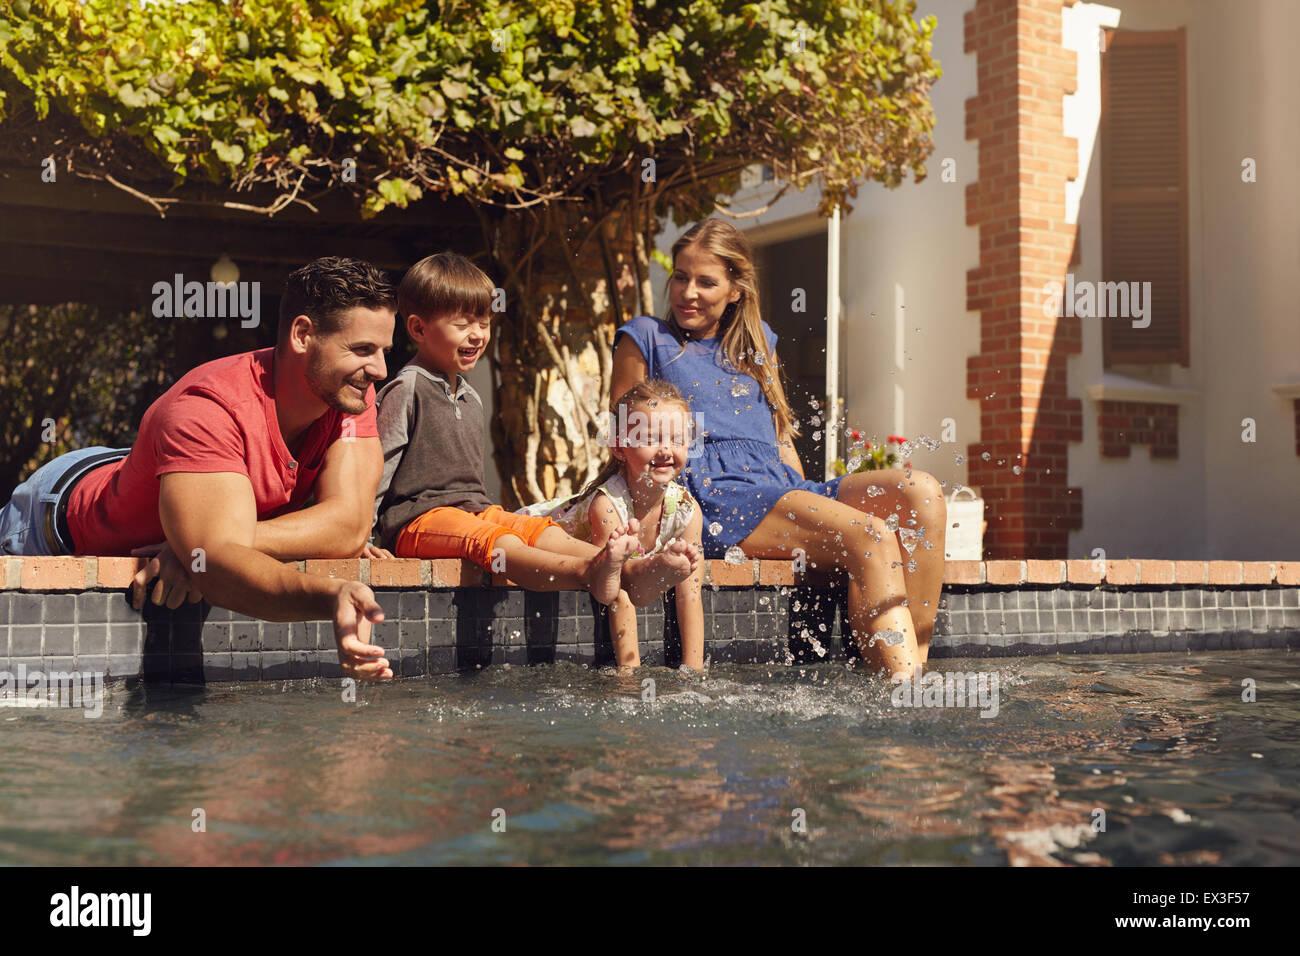 Disparó al aire libre de la feliz familia joven salpicaduras de agua con las manos y las piernas mientras está Imagen De Stock